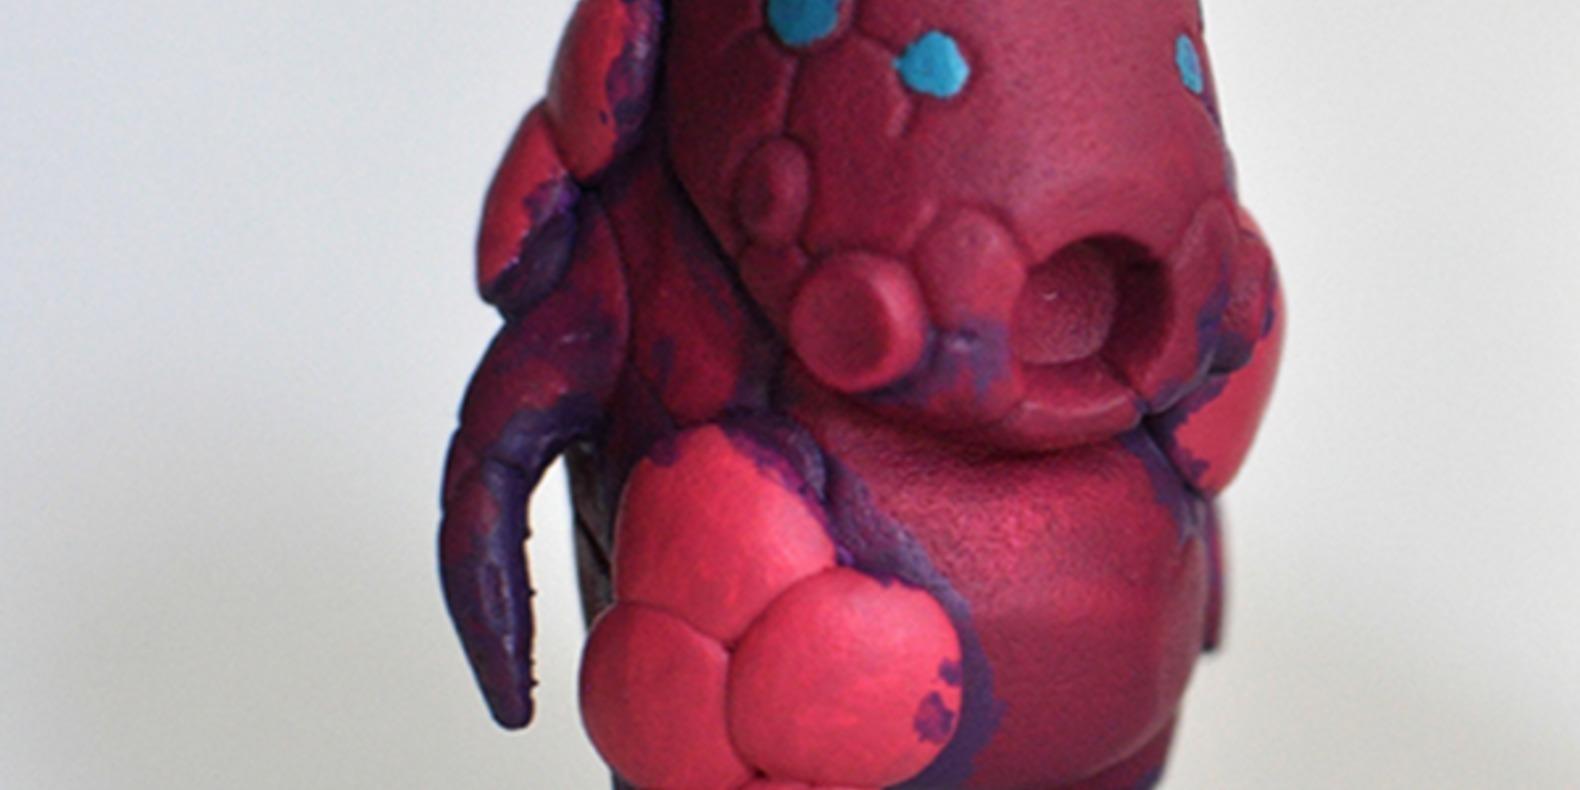 Mecha blob art toy nic meier chicago artist 3D printed imprimé en 3D stl fichier file cults 3